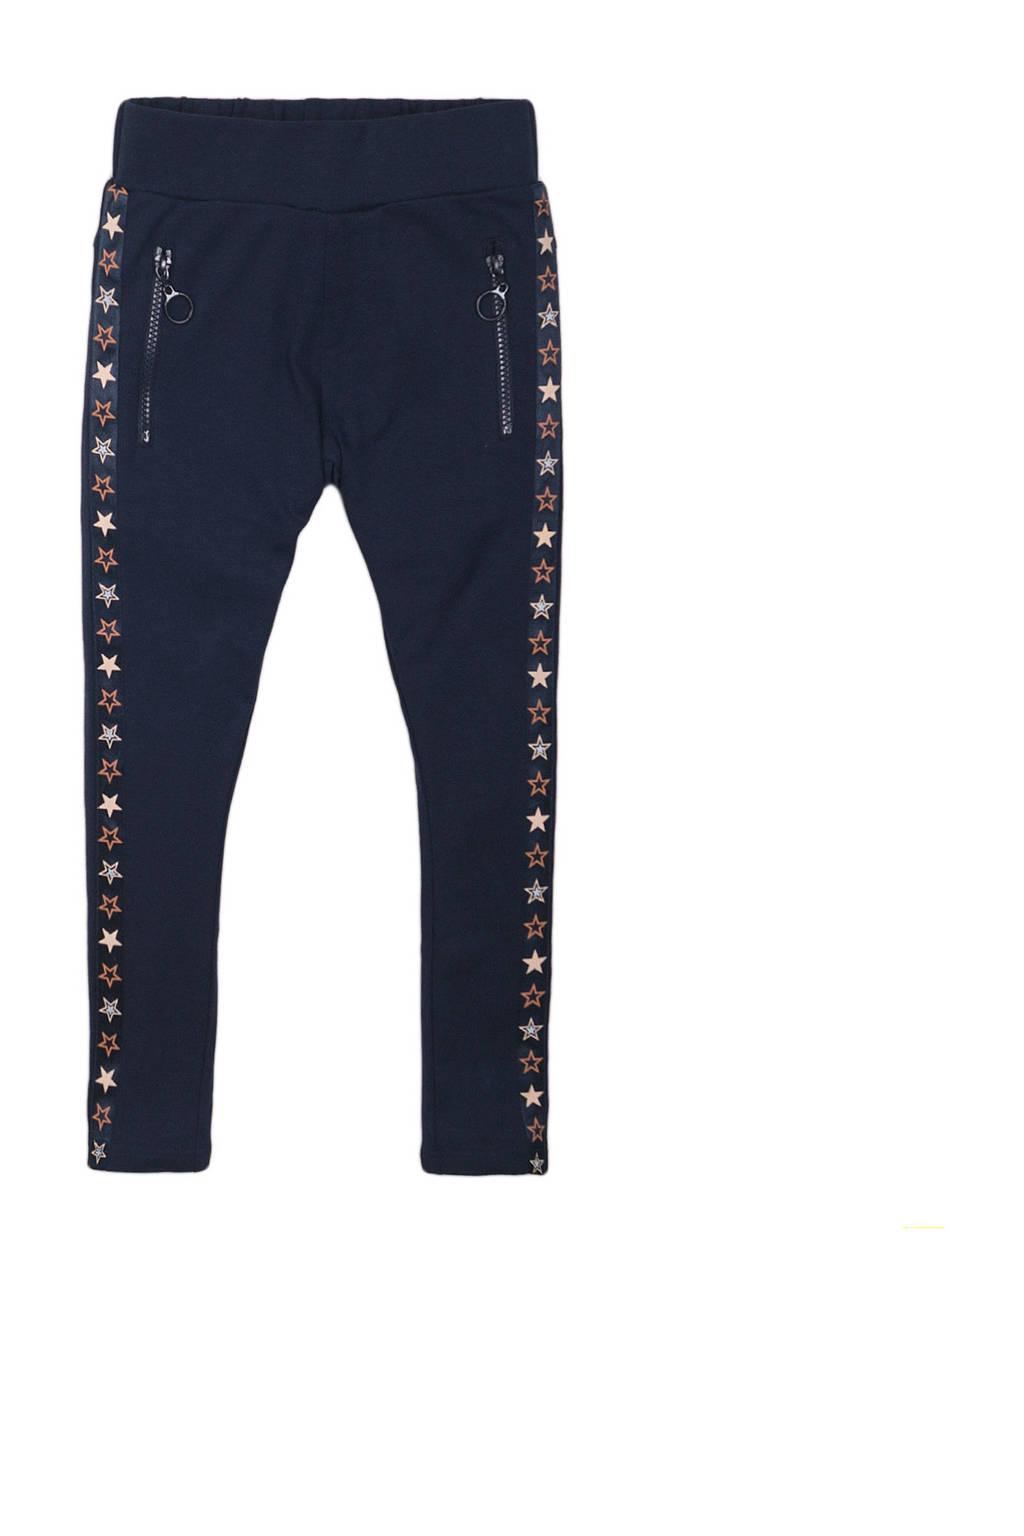 DJ Dutchjeans broek met zijstreep donkerblauw, Donkerblauw